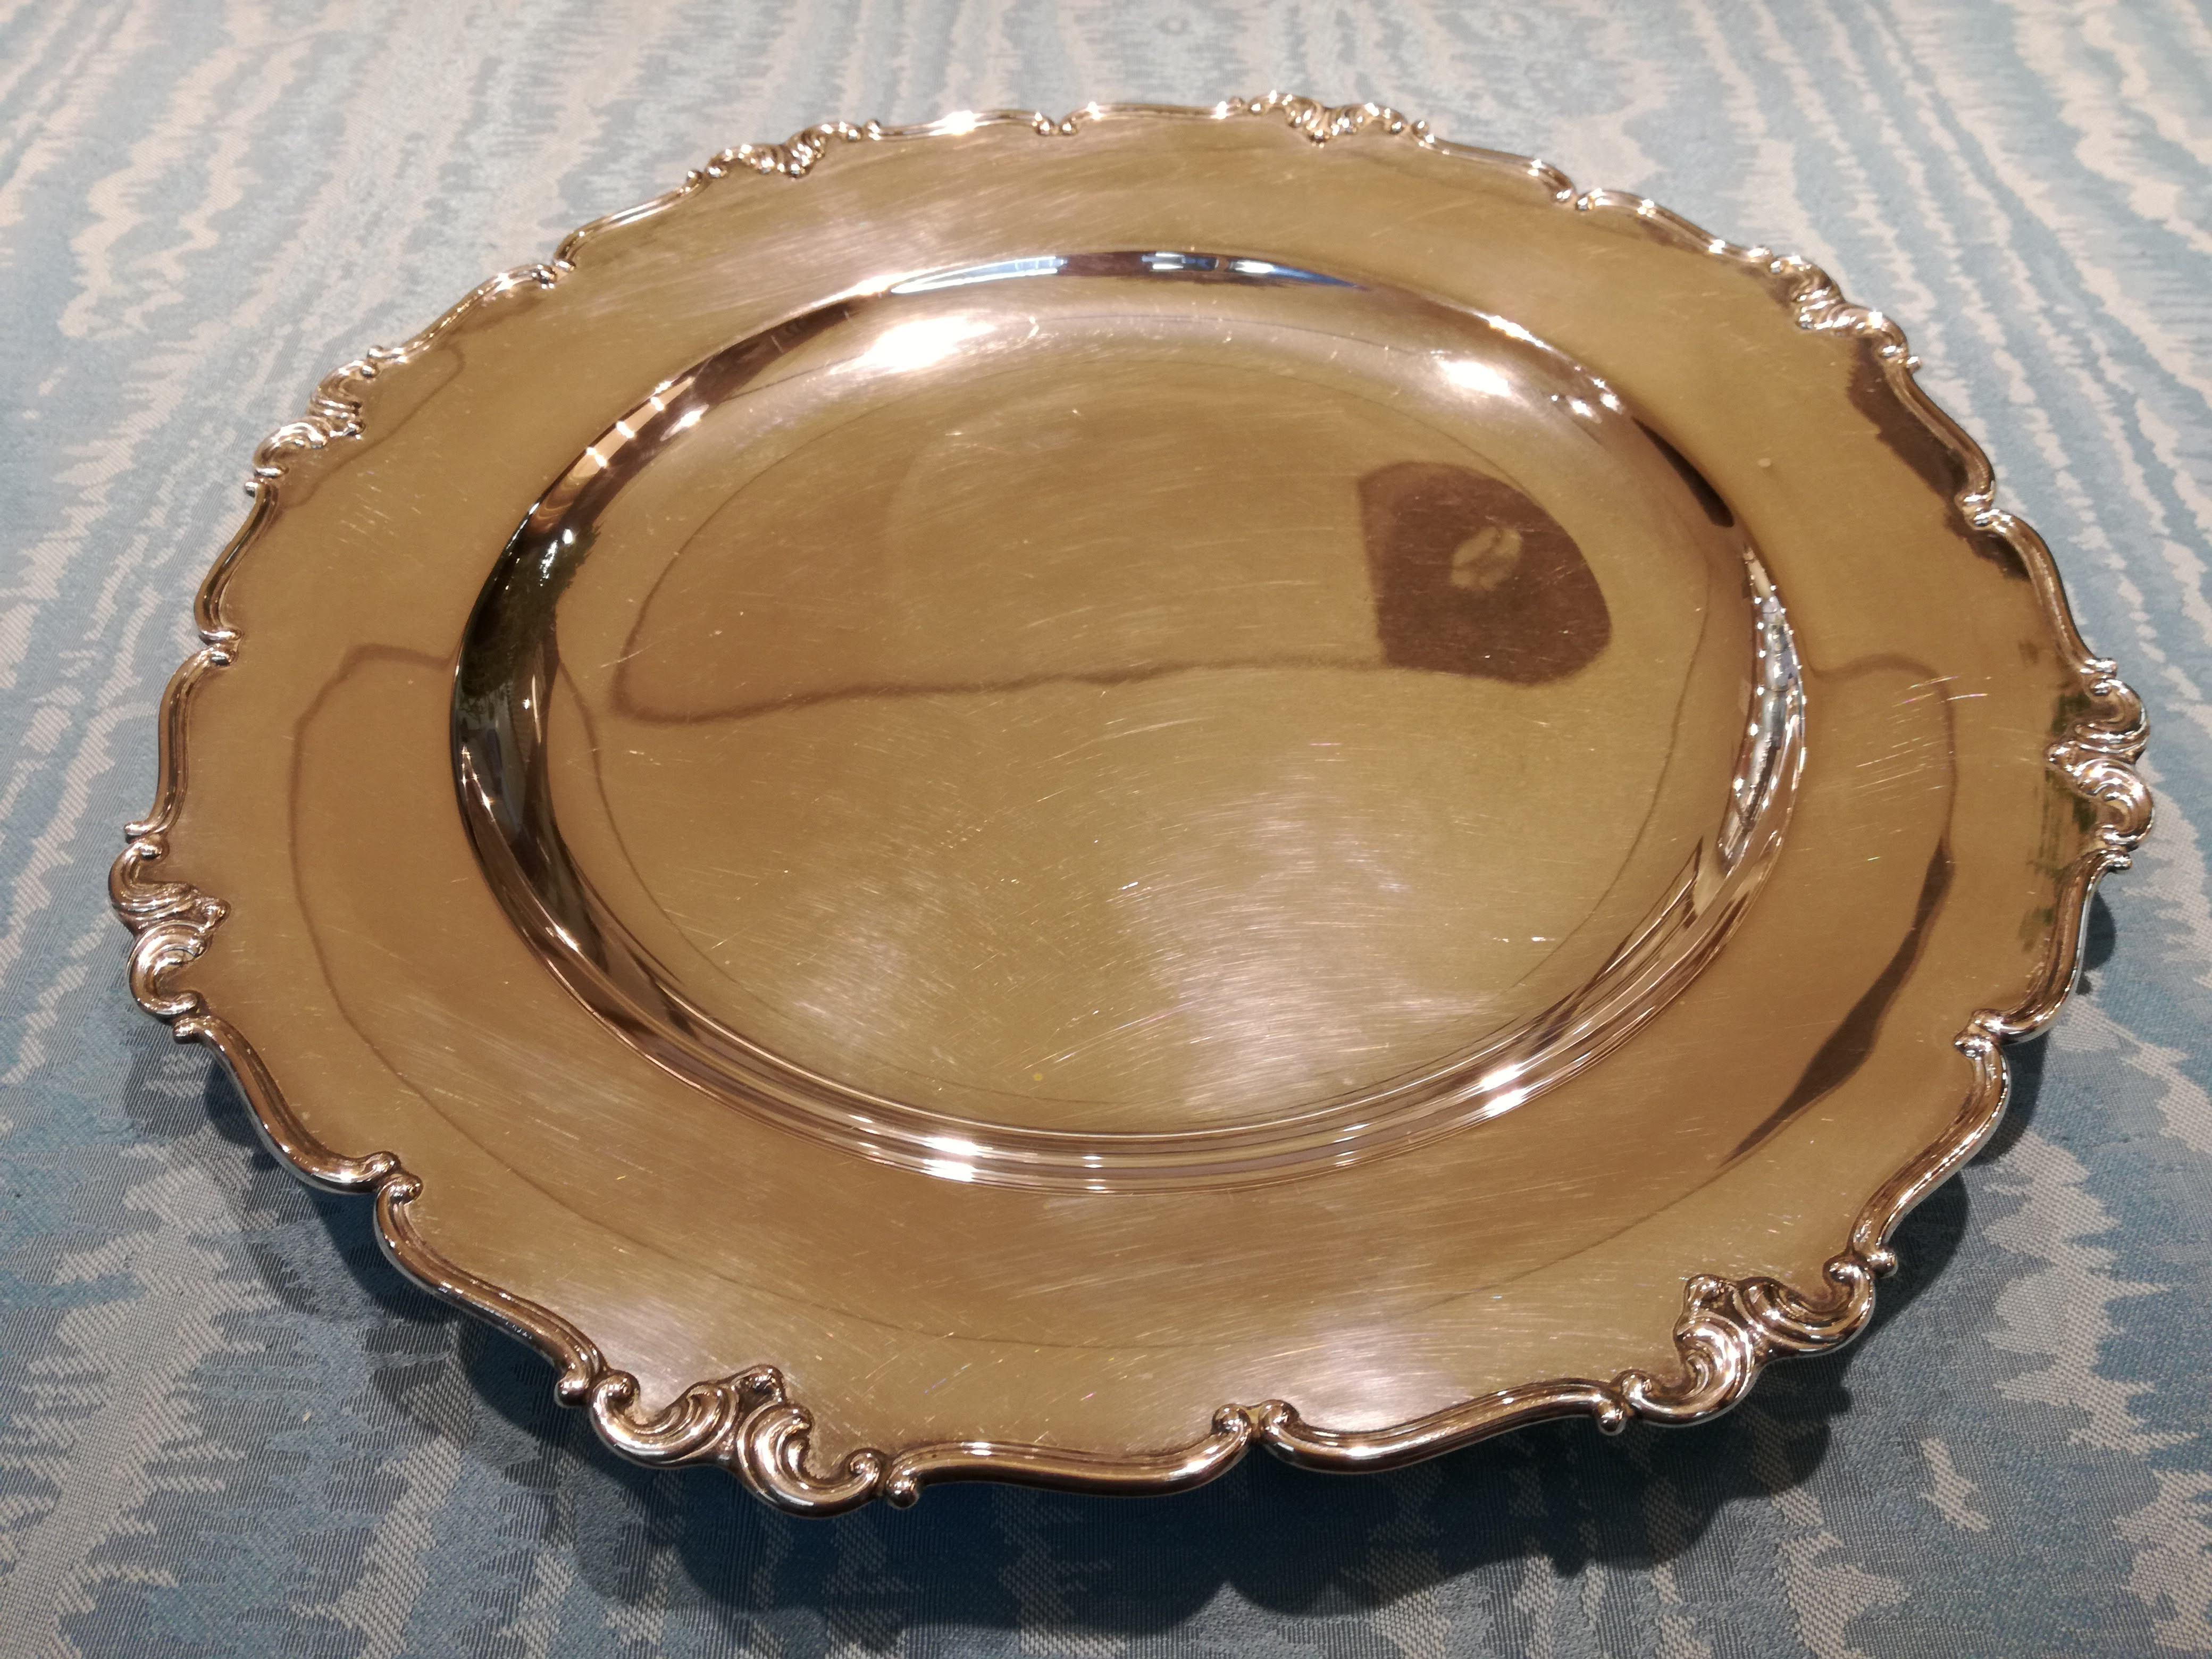 Piatto, centrotavola in Argento 800/1000 stile Barocco